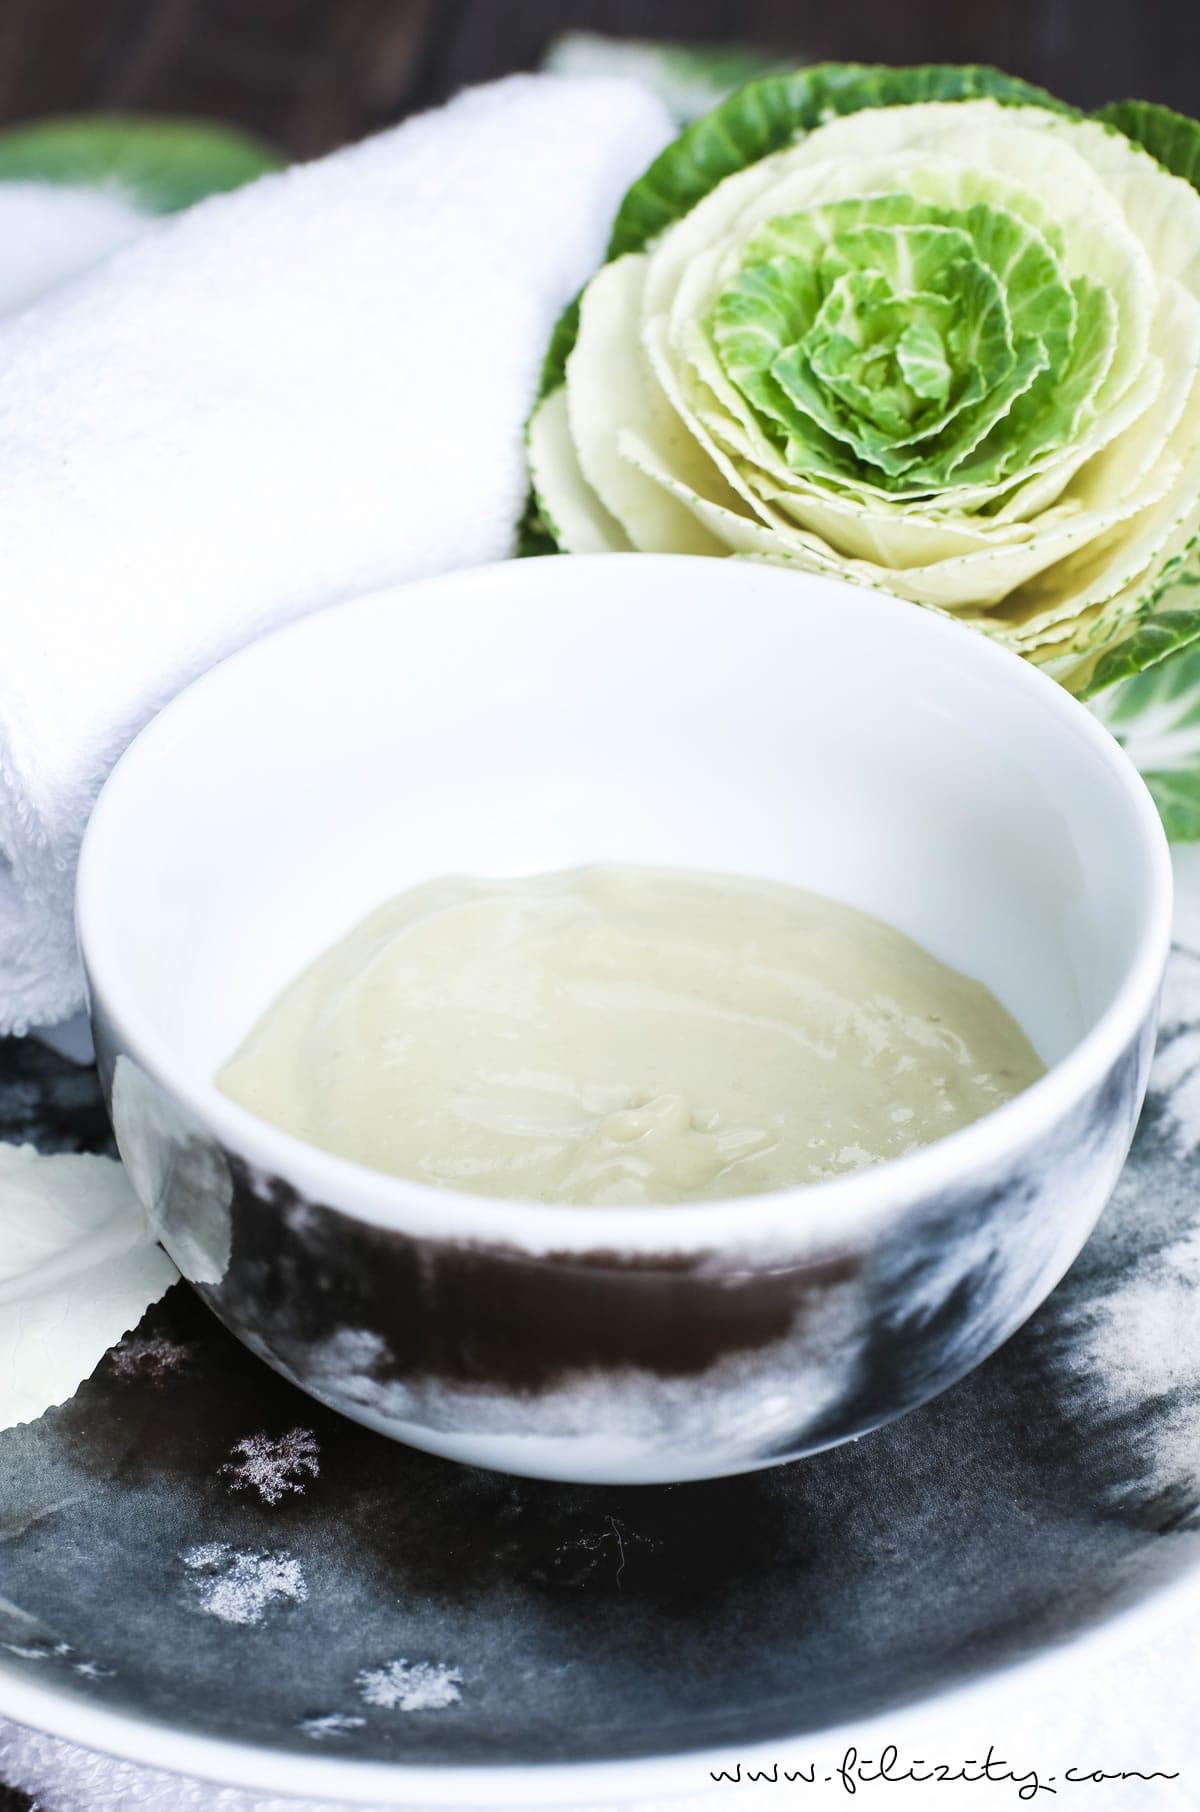 DIY-Beauty: Regenerierende Haarkur/Gesichtsmaske selber machen - Einfache Naturkosmetik | Filizity.com | Beauty-Blog aus dem Rheinland #naturkosmetik